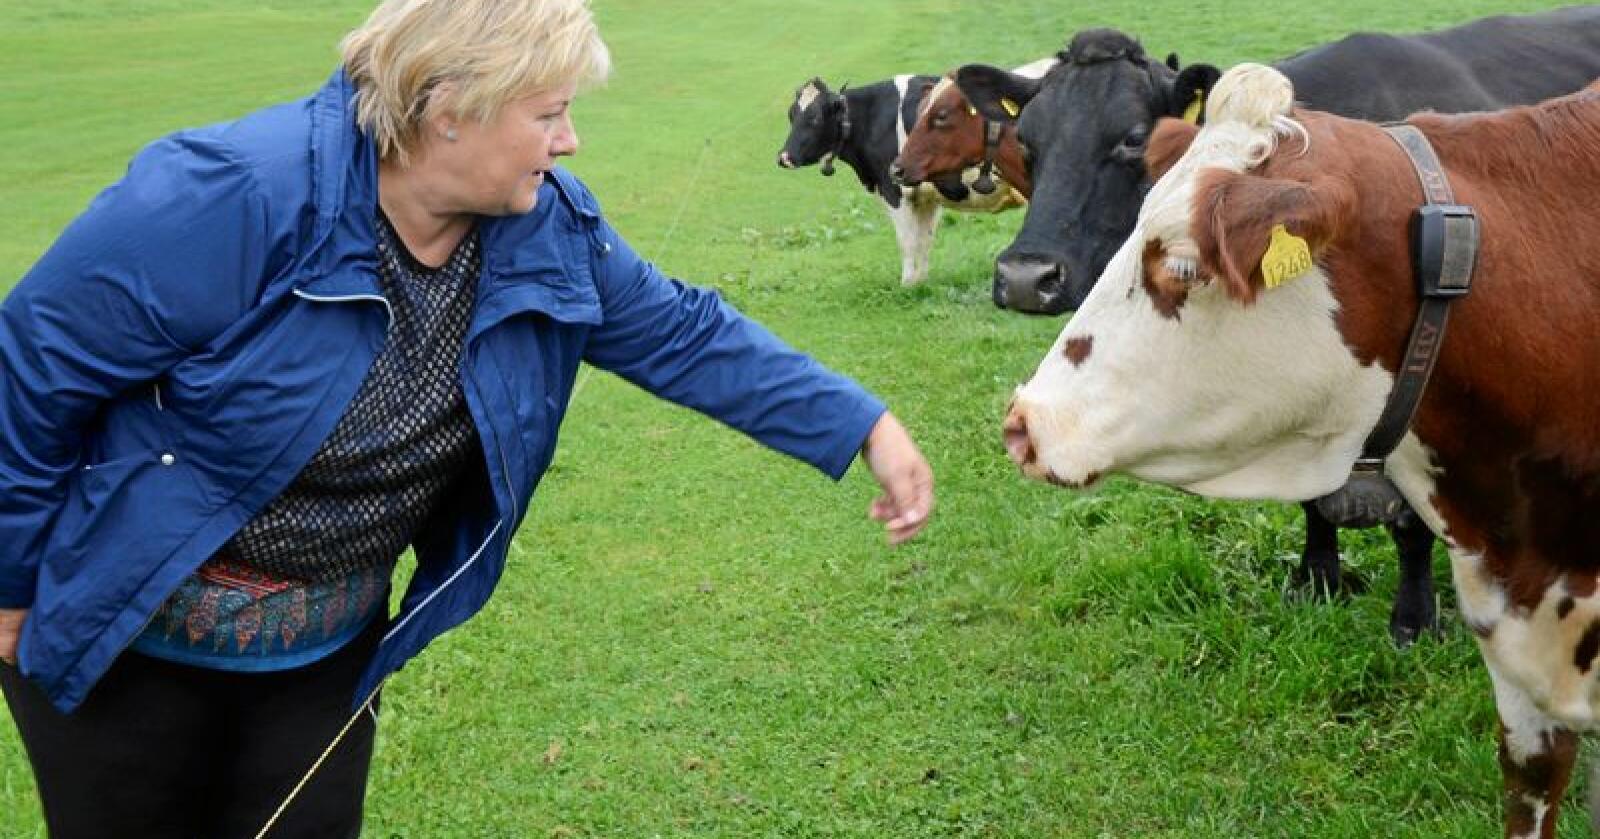 Nærmer seg: Statsminister Erna Solbergs regjering har større innsikt og forståelse for norsk landbruk enn tidligere. Her fra et gårdsbesøk i 2014. Foto: Mariann Tvete